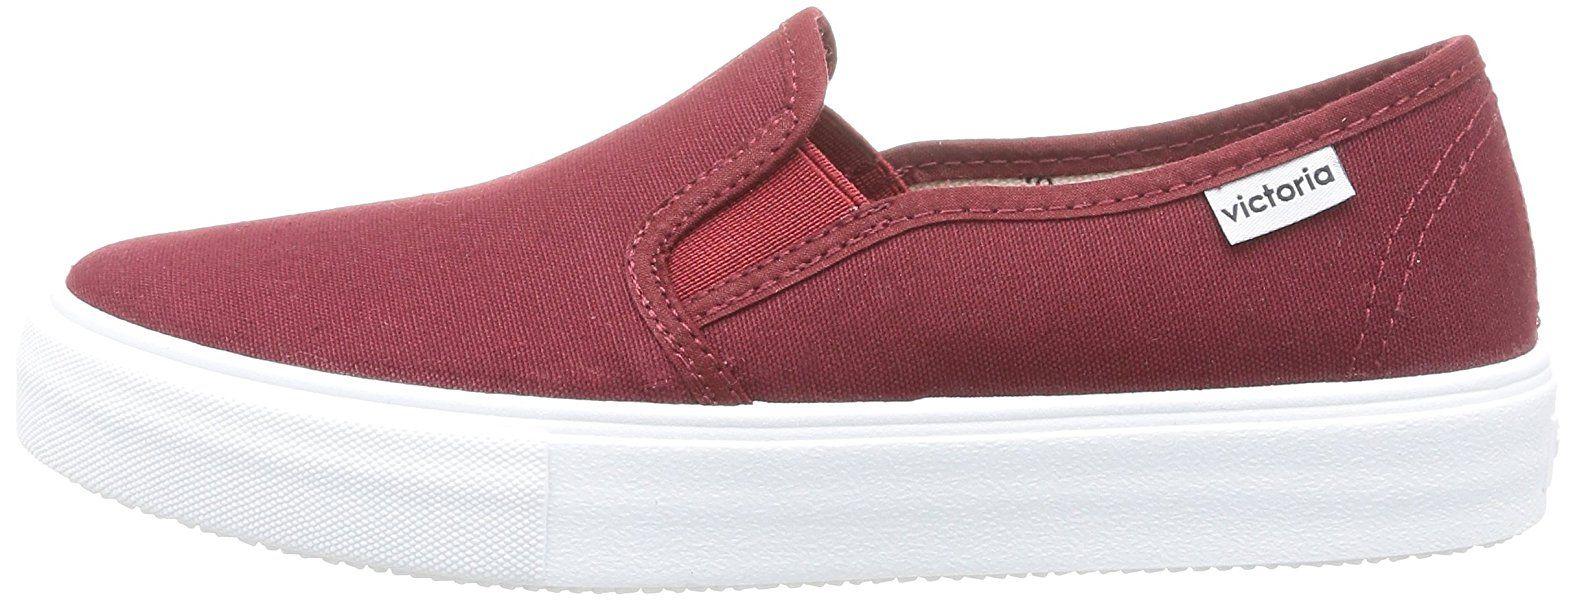 Glissement De La Victoire Sur Toile - Chaussures, Unisexe, Couleur Rouge (bordeaux), Taille 45